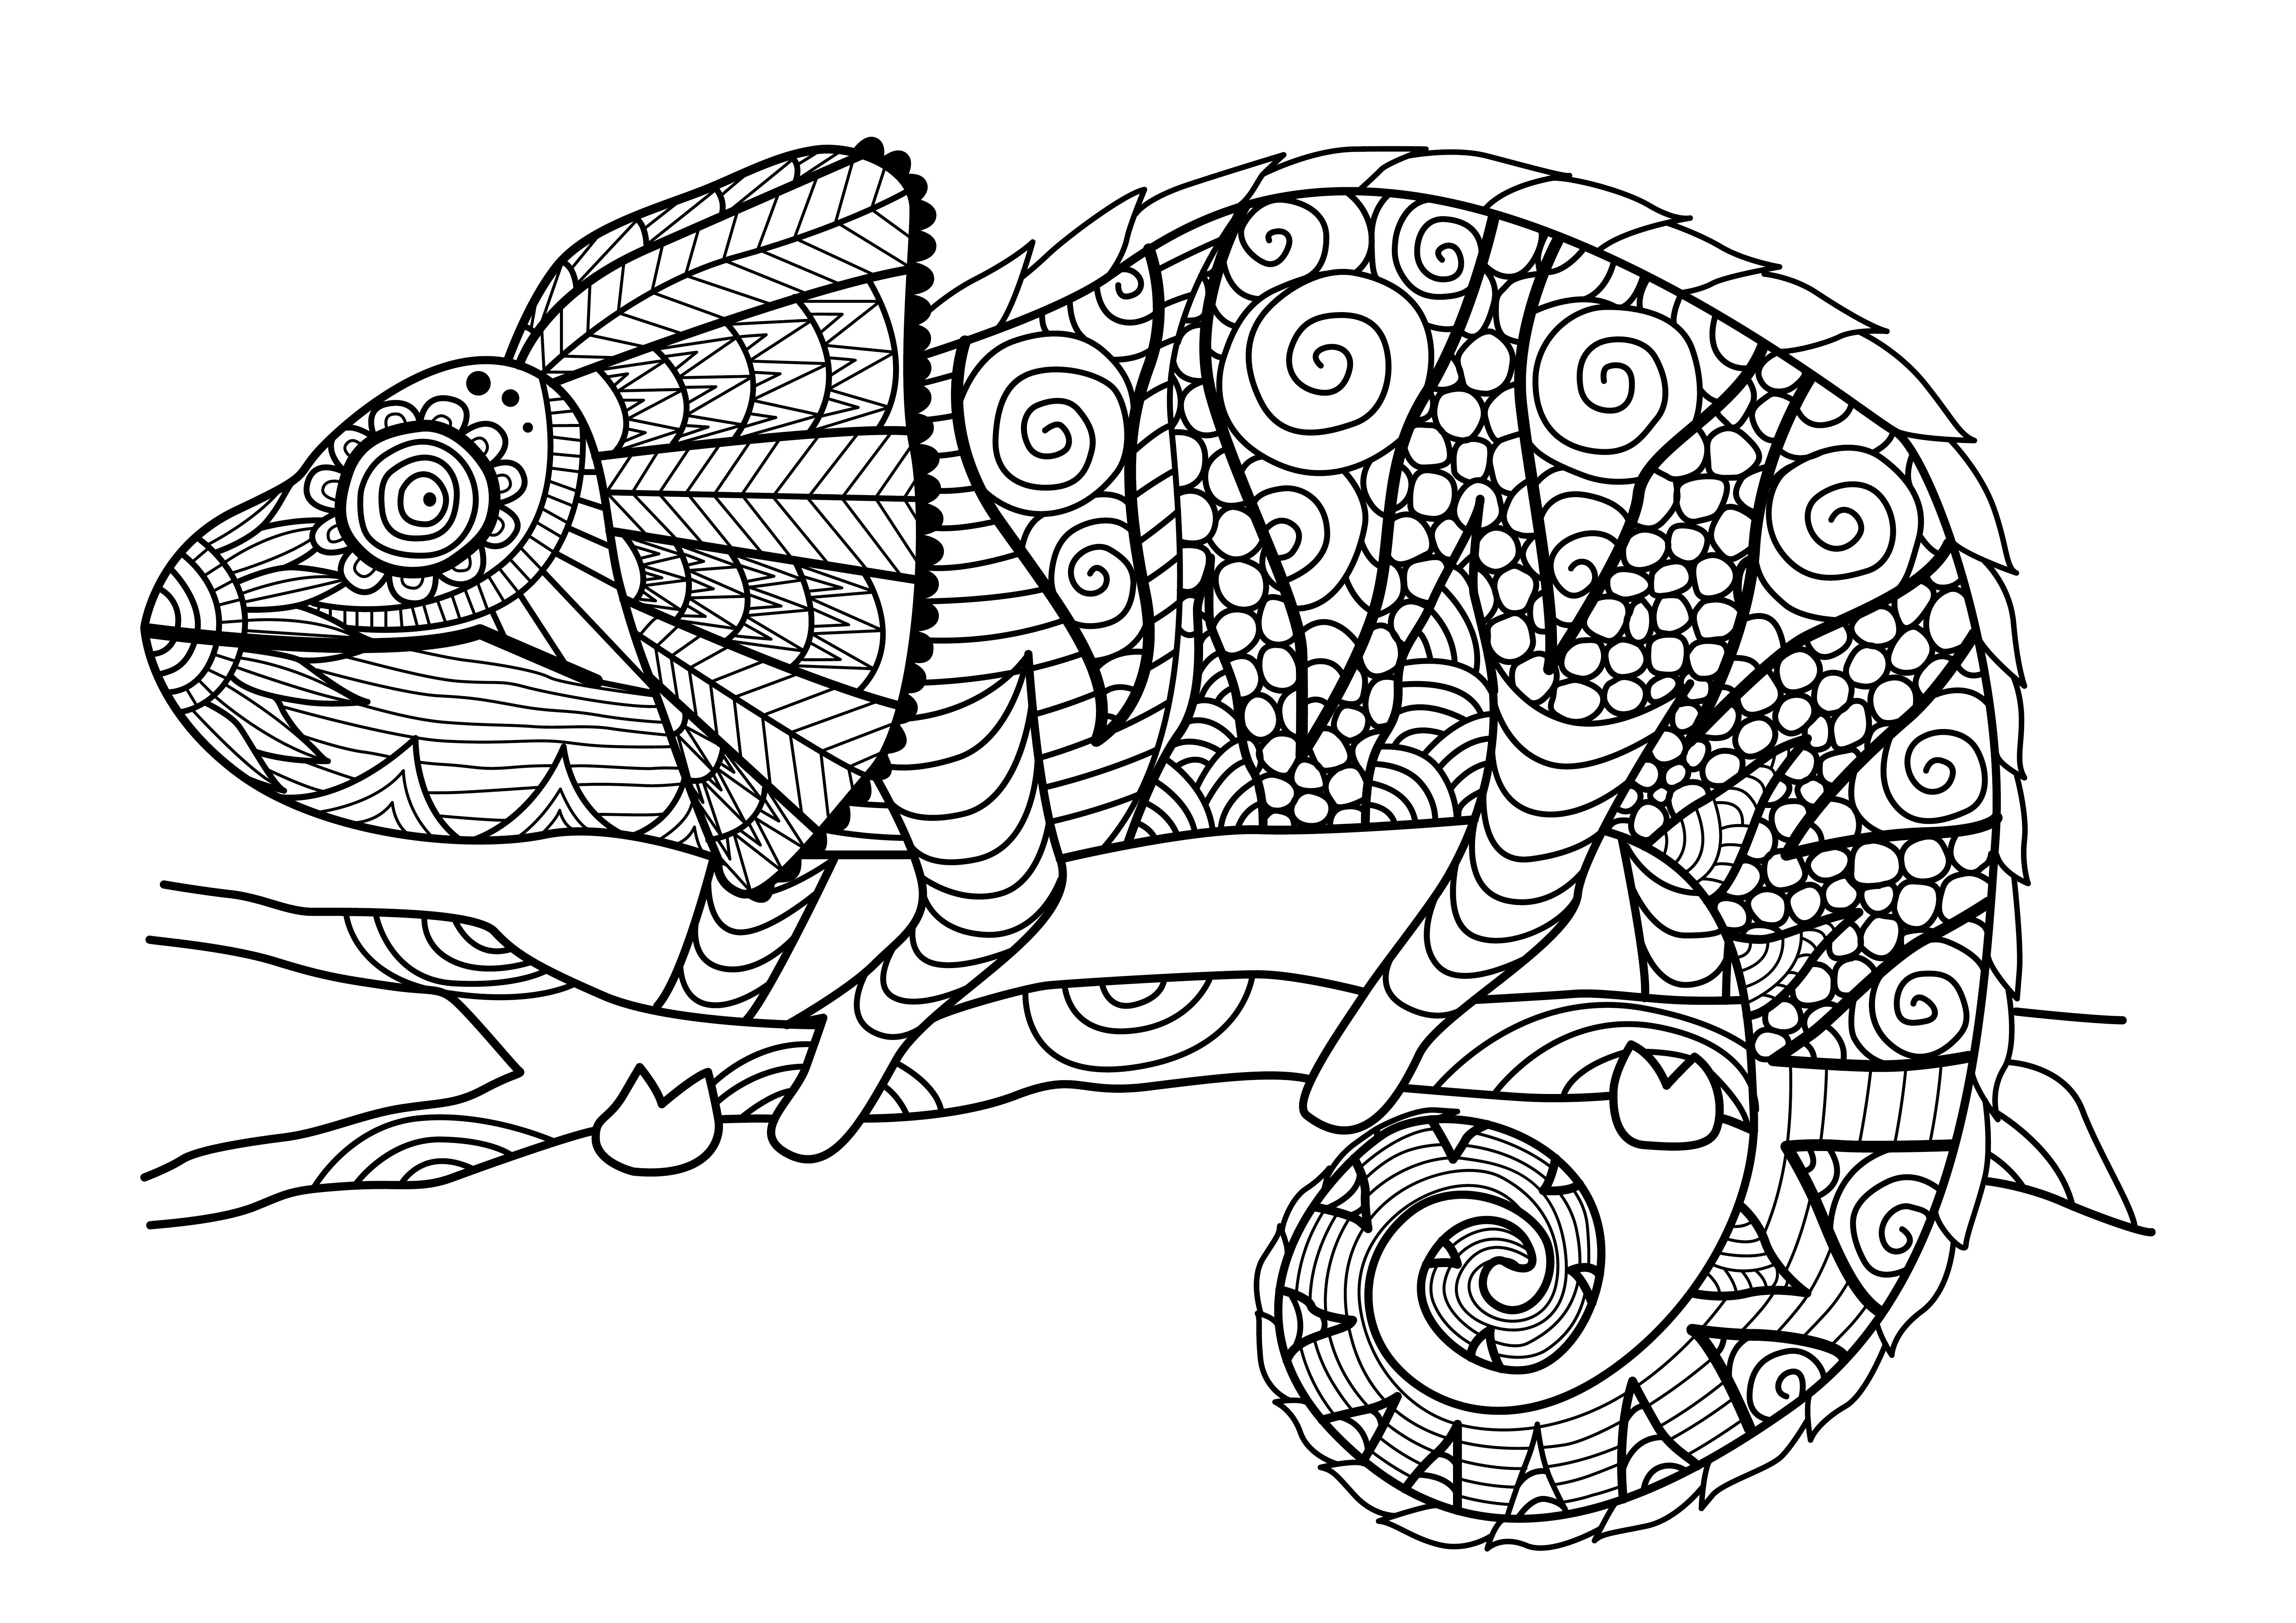 camaleon - Orientación Andújar - Recursos Educativos